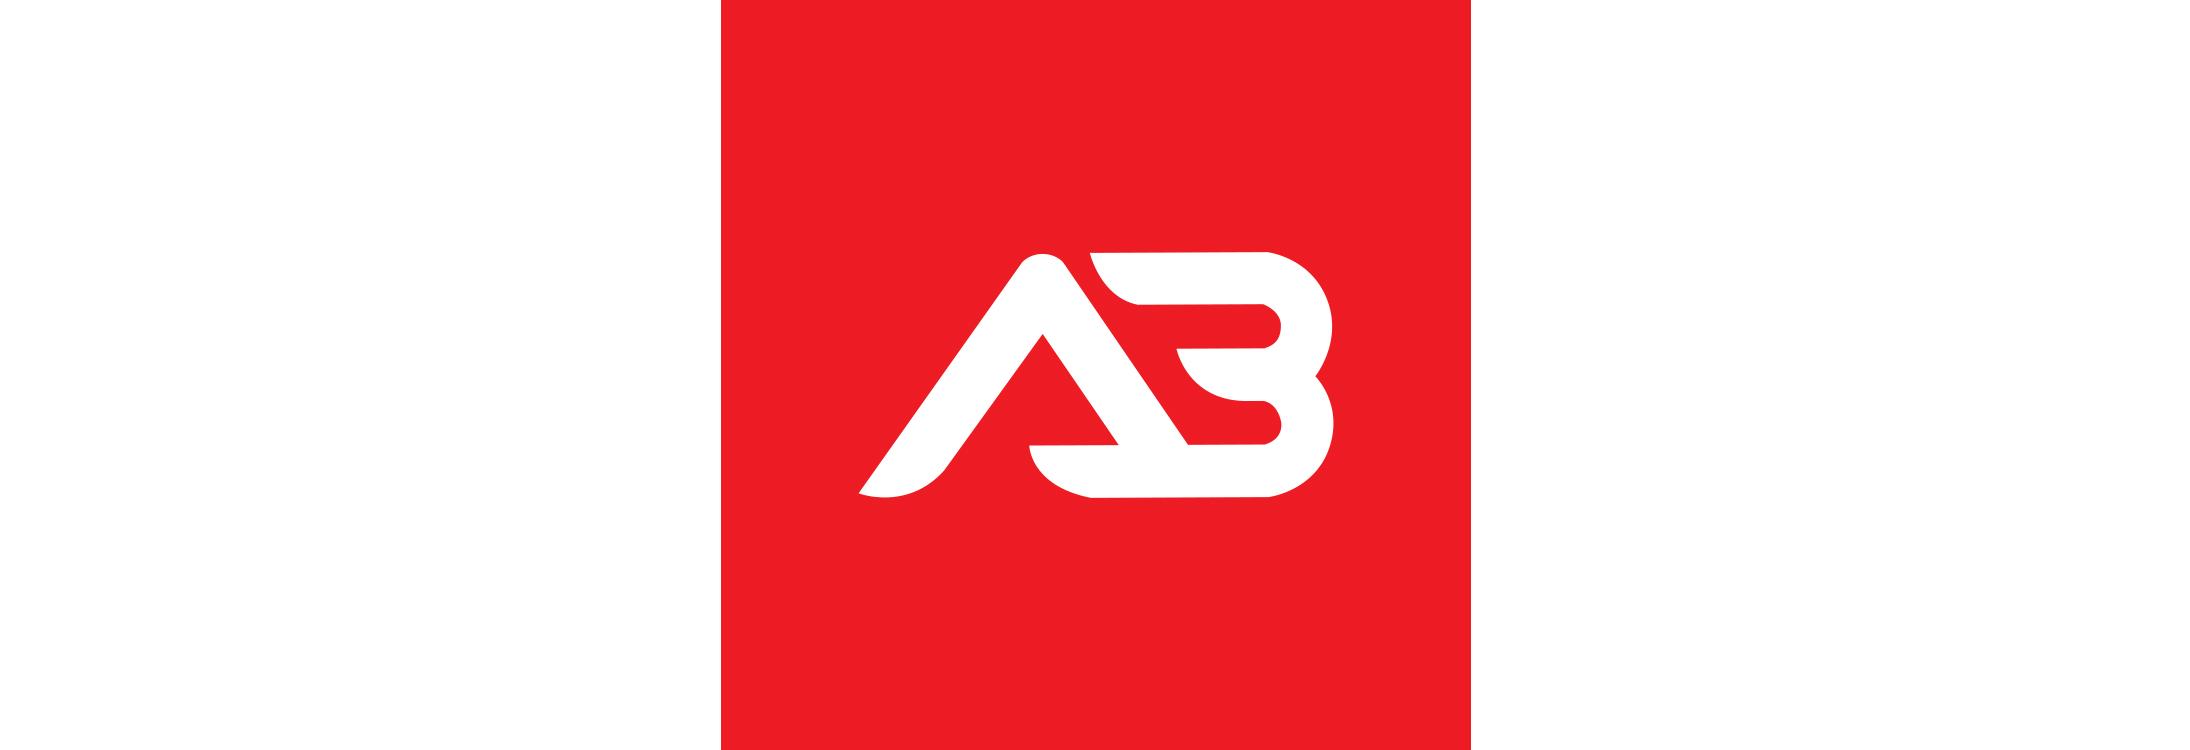 AB Shop